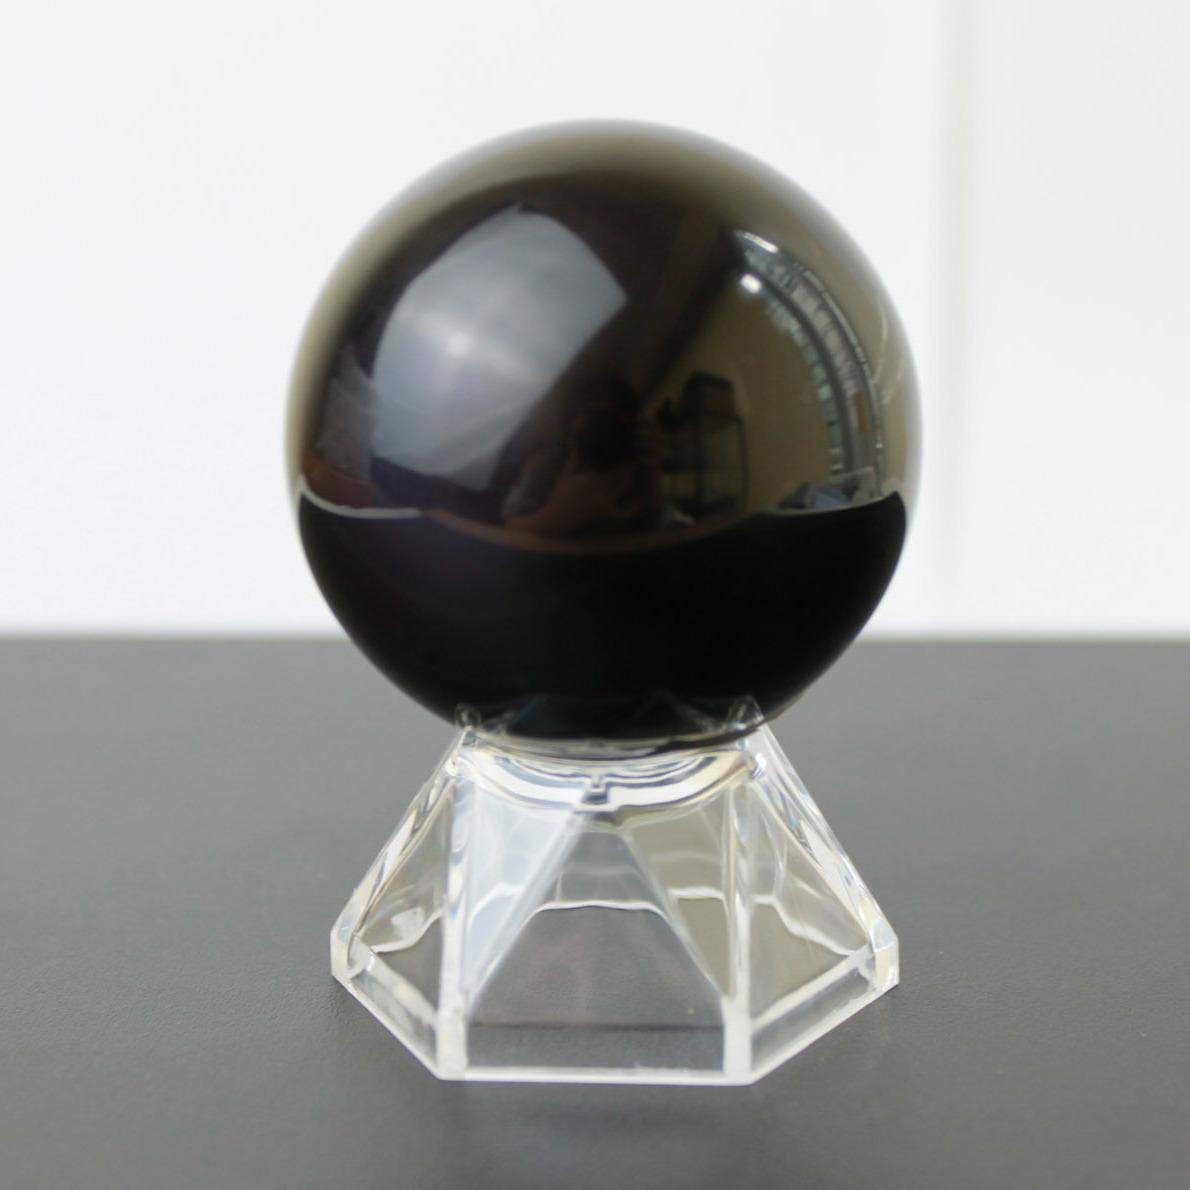 丸玉台 スフィア台座 ディスプレイ 透明プラスチックタイプ 小 品番:7754